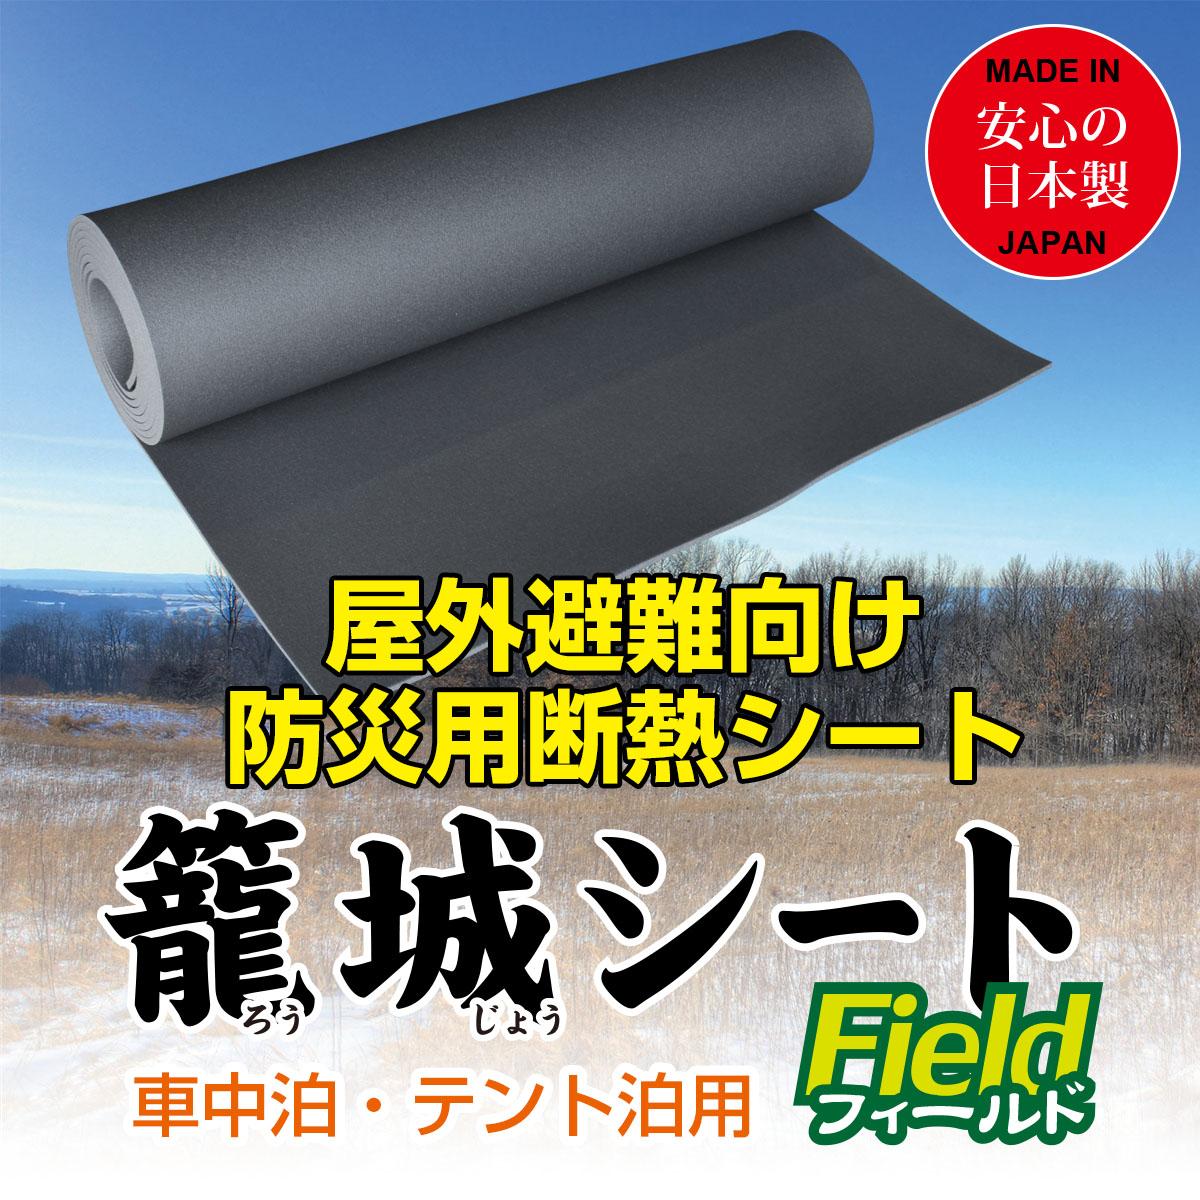 野外避難向け防災用断熱シート 籠城シート・フィールド 5m巻